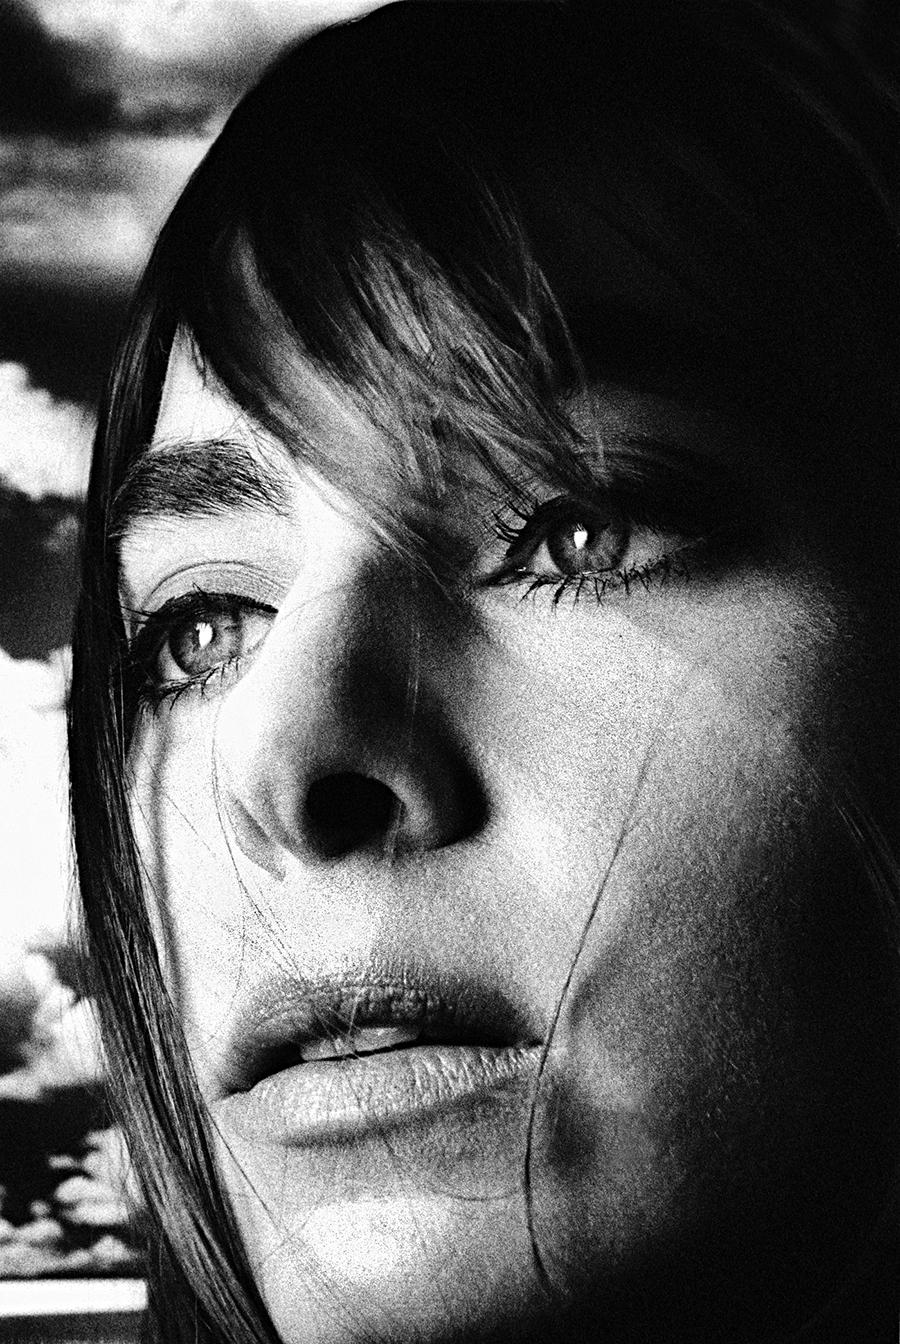 Tony_Ward_photography_early_work_portfolio_classics_beauty_photo_model_Blake